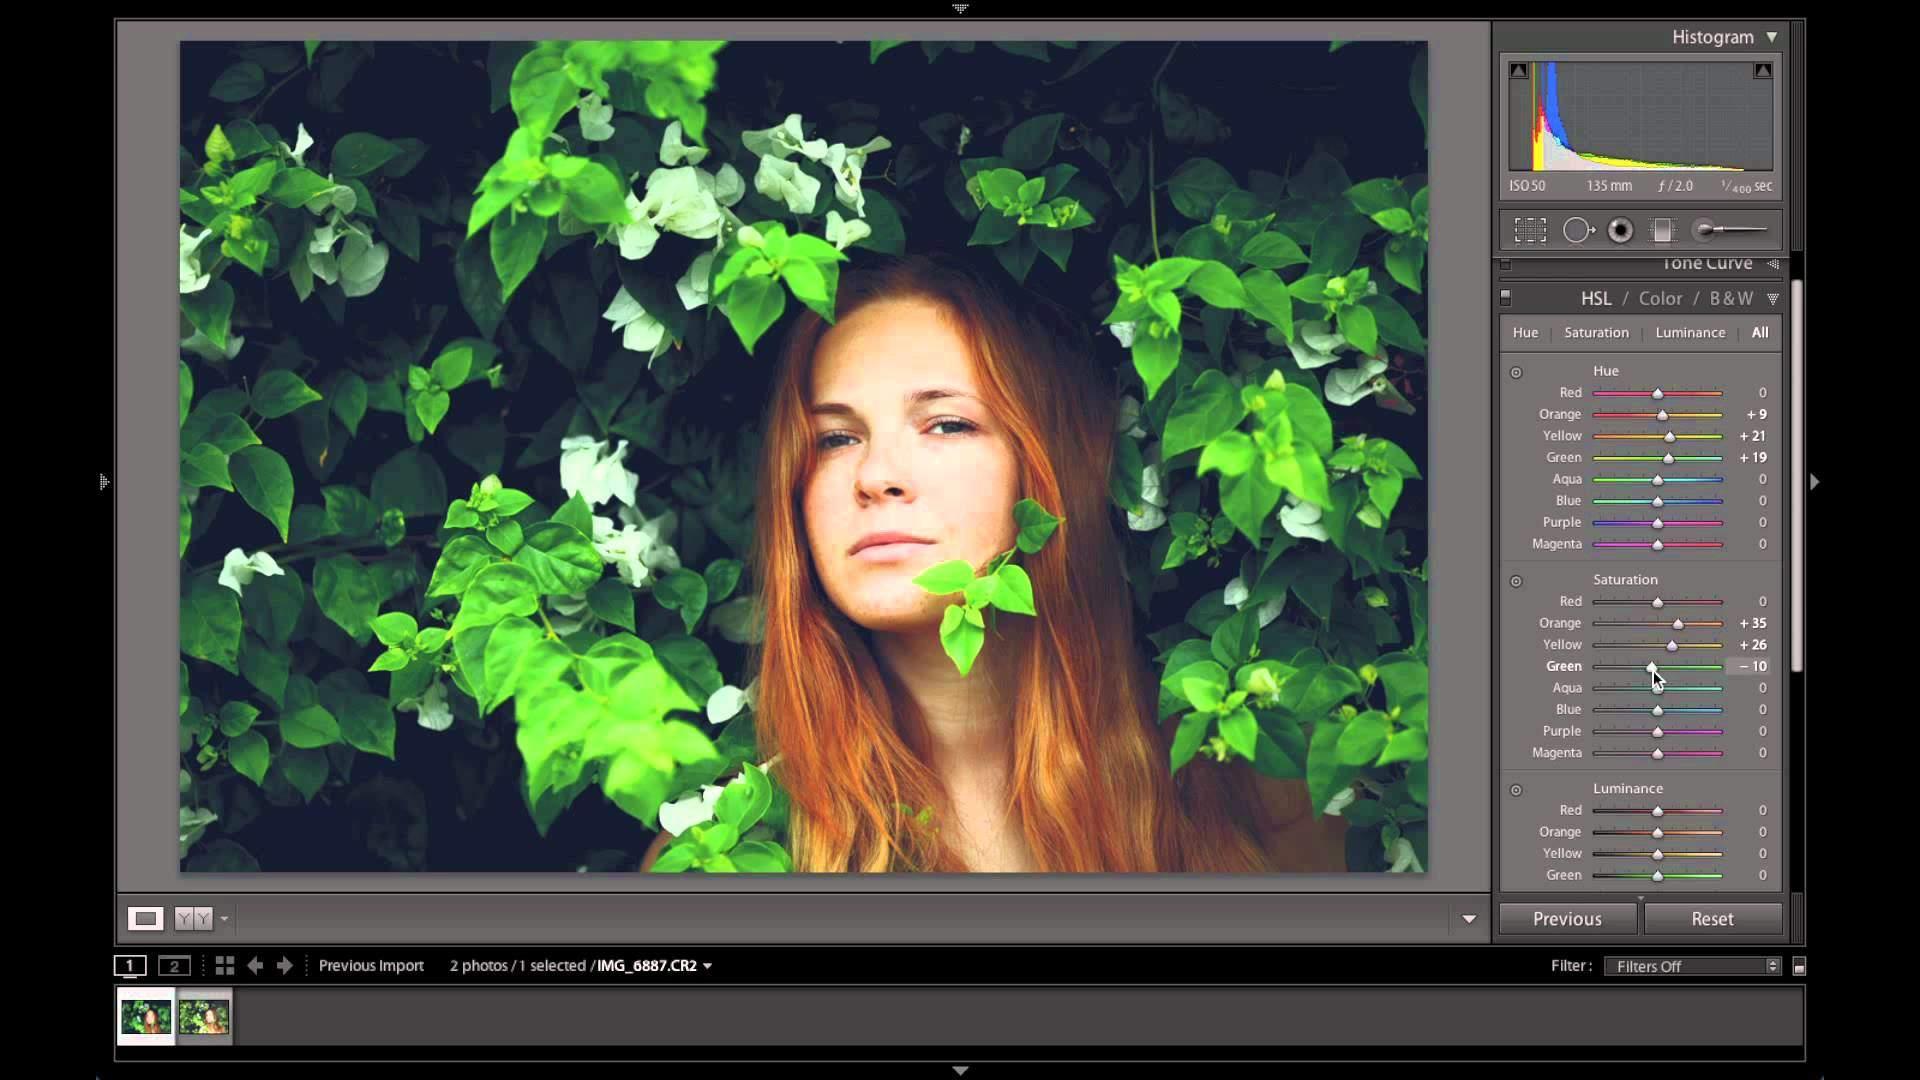 Несколько причин использовать Lightroom при обработке снимков